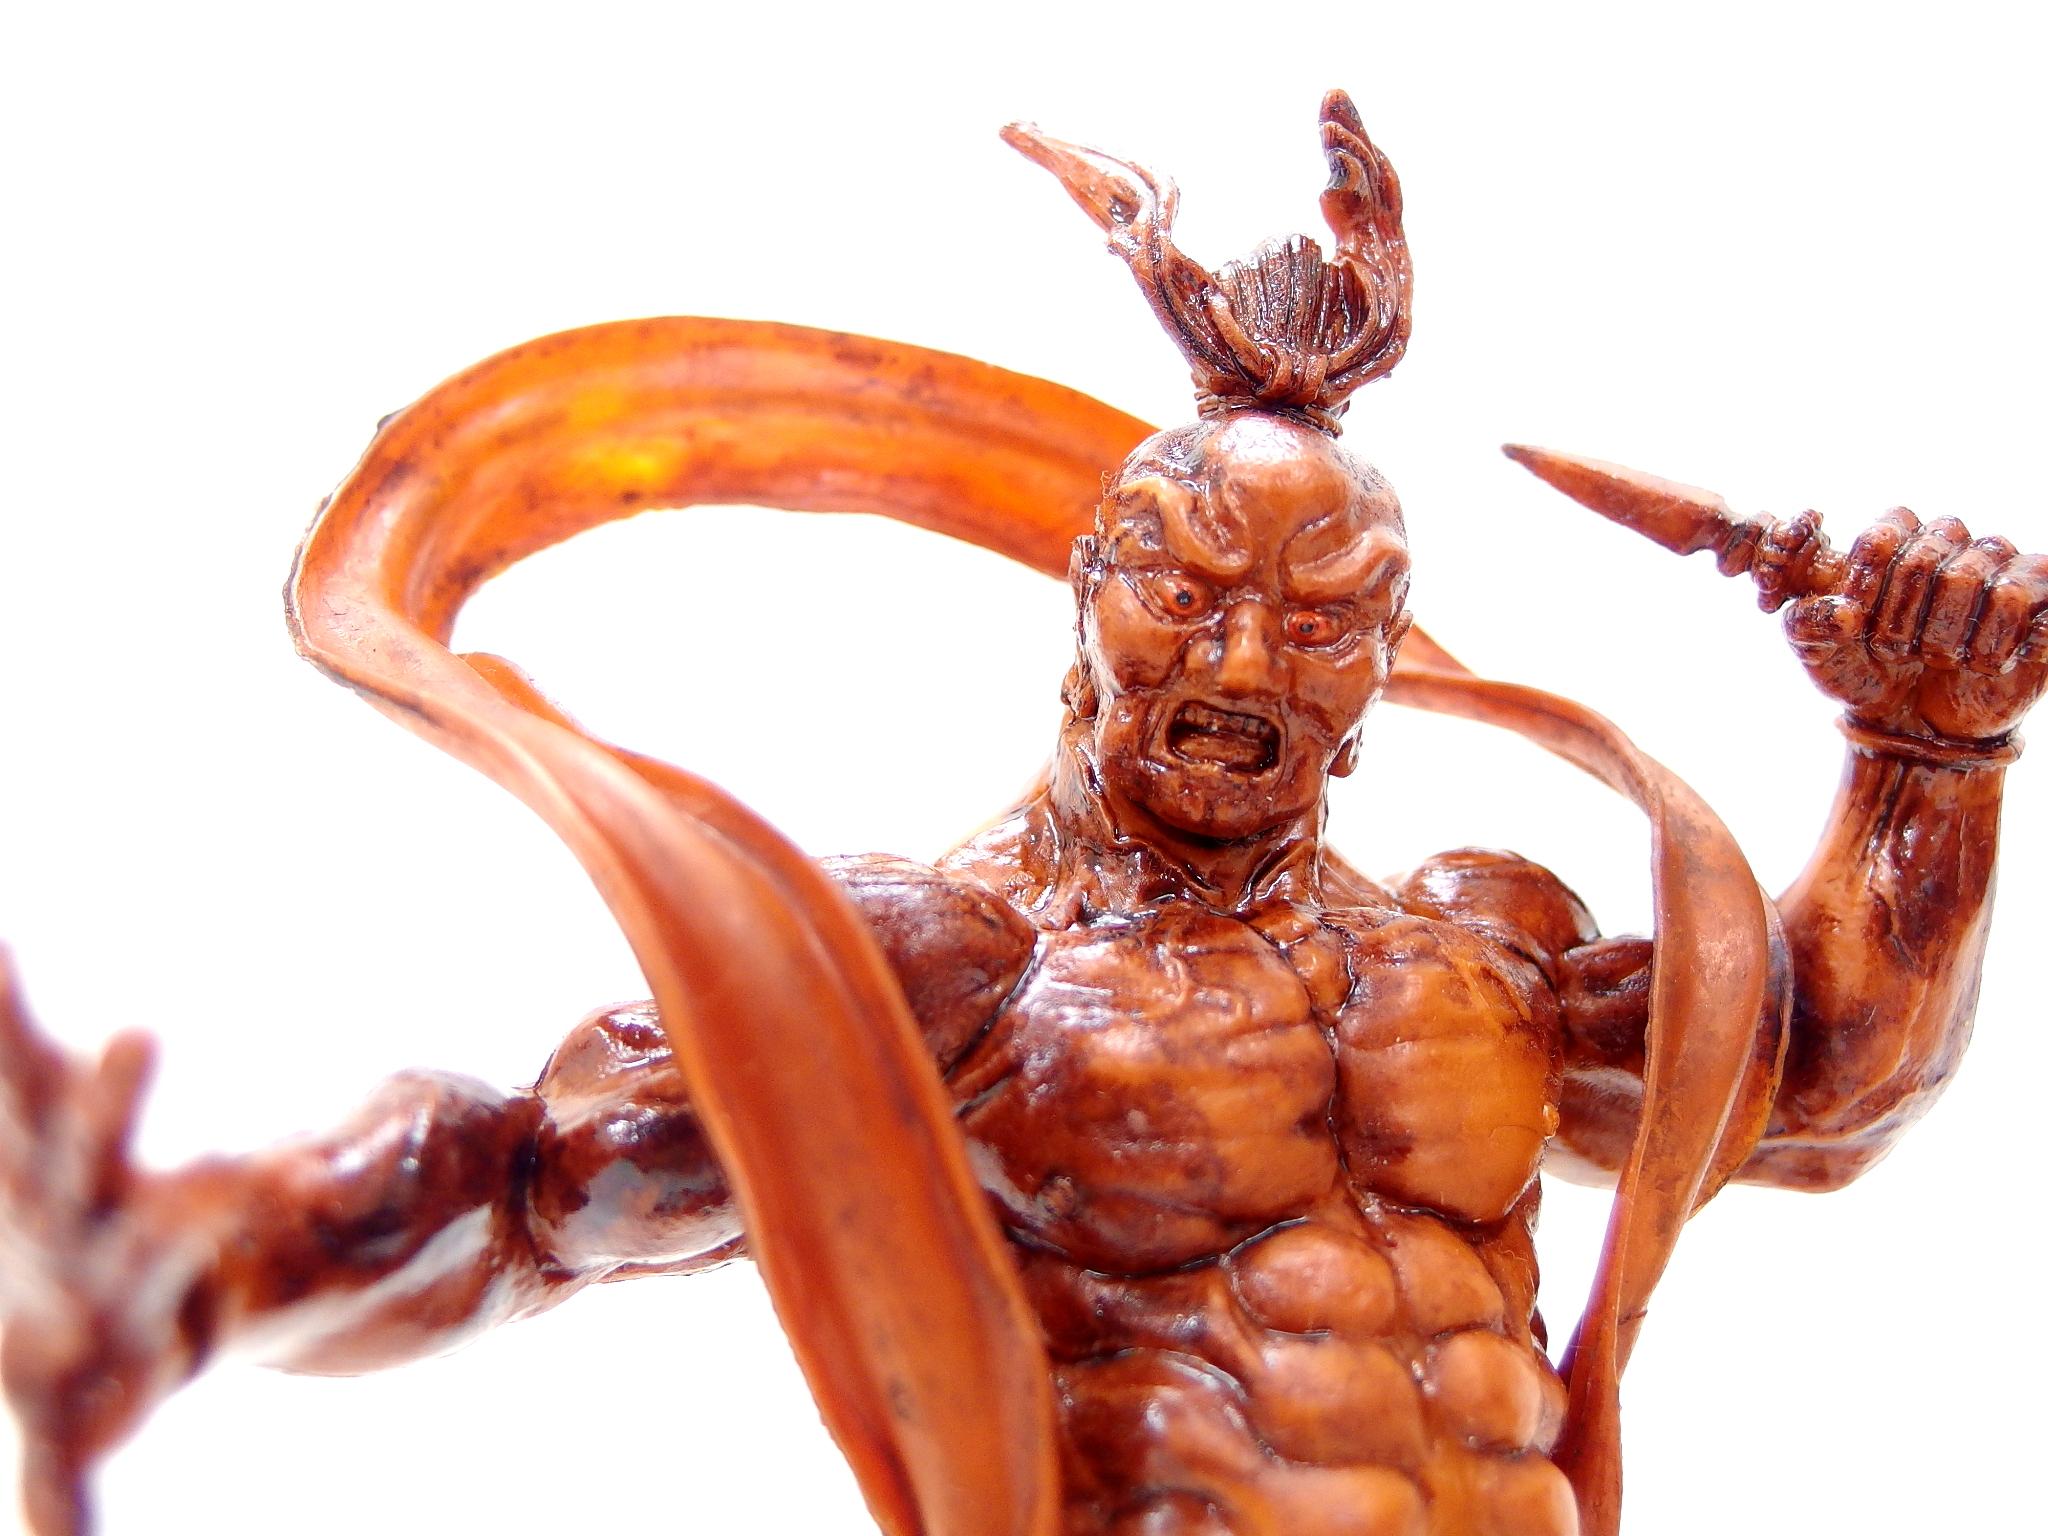 【プライズ品】日本の仏像シリーズ 阿吽フィギュア 阿形&吽形セット